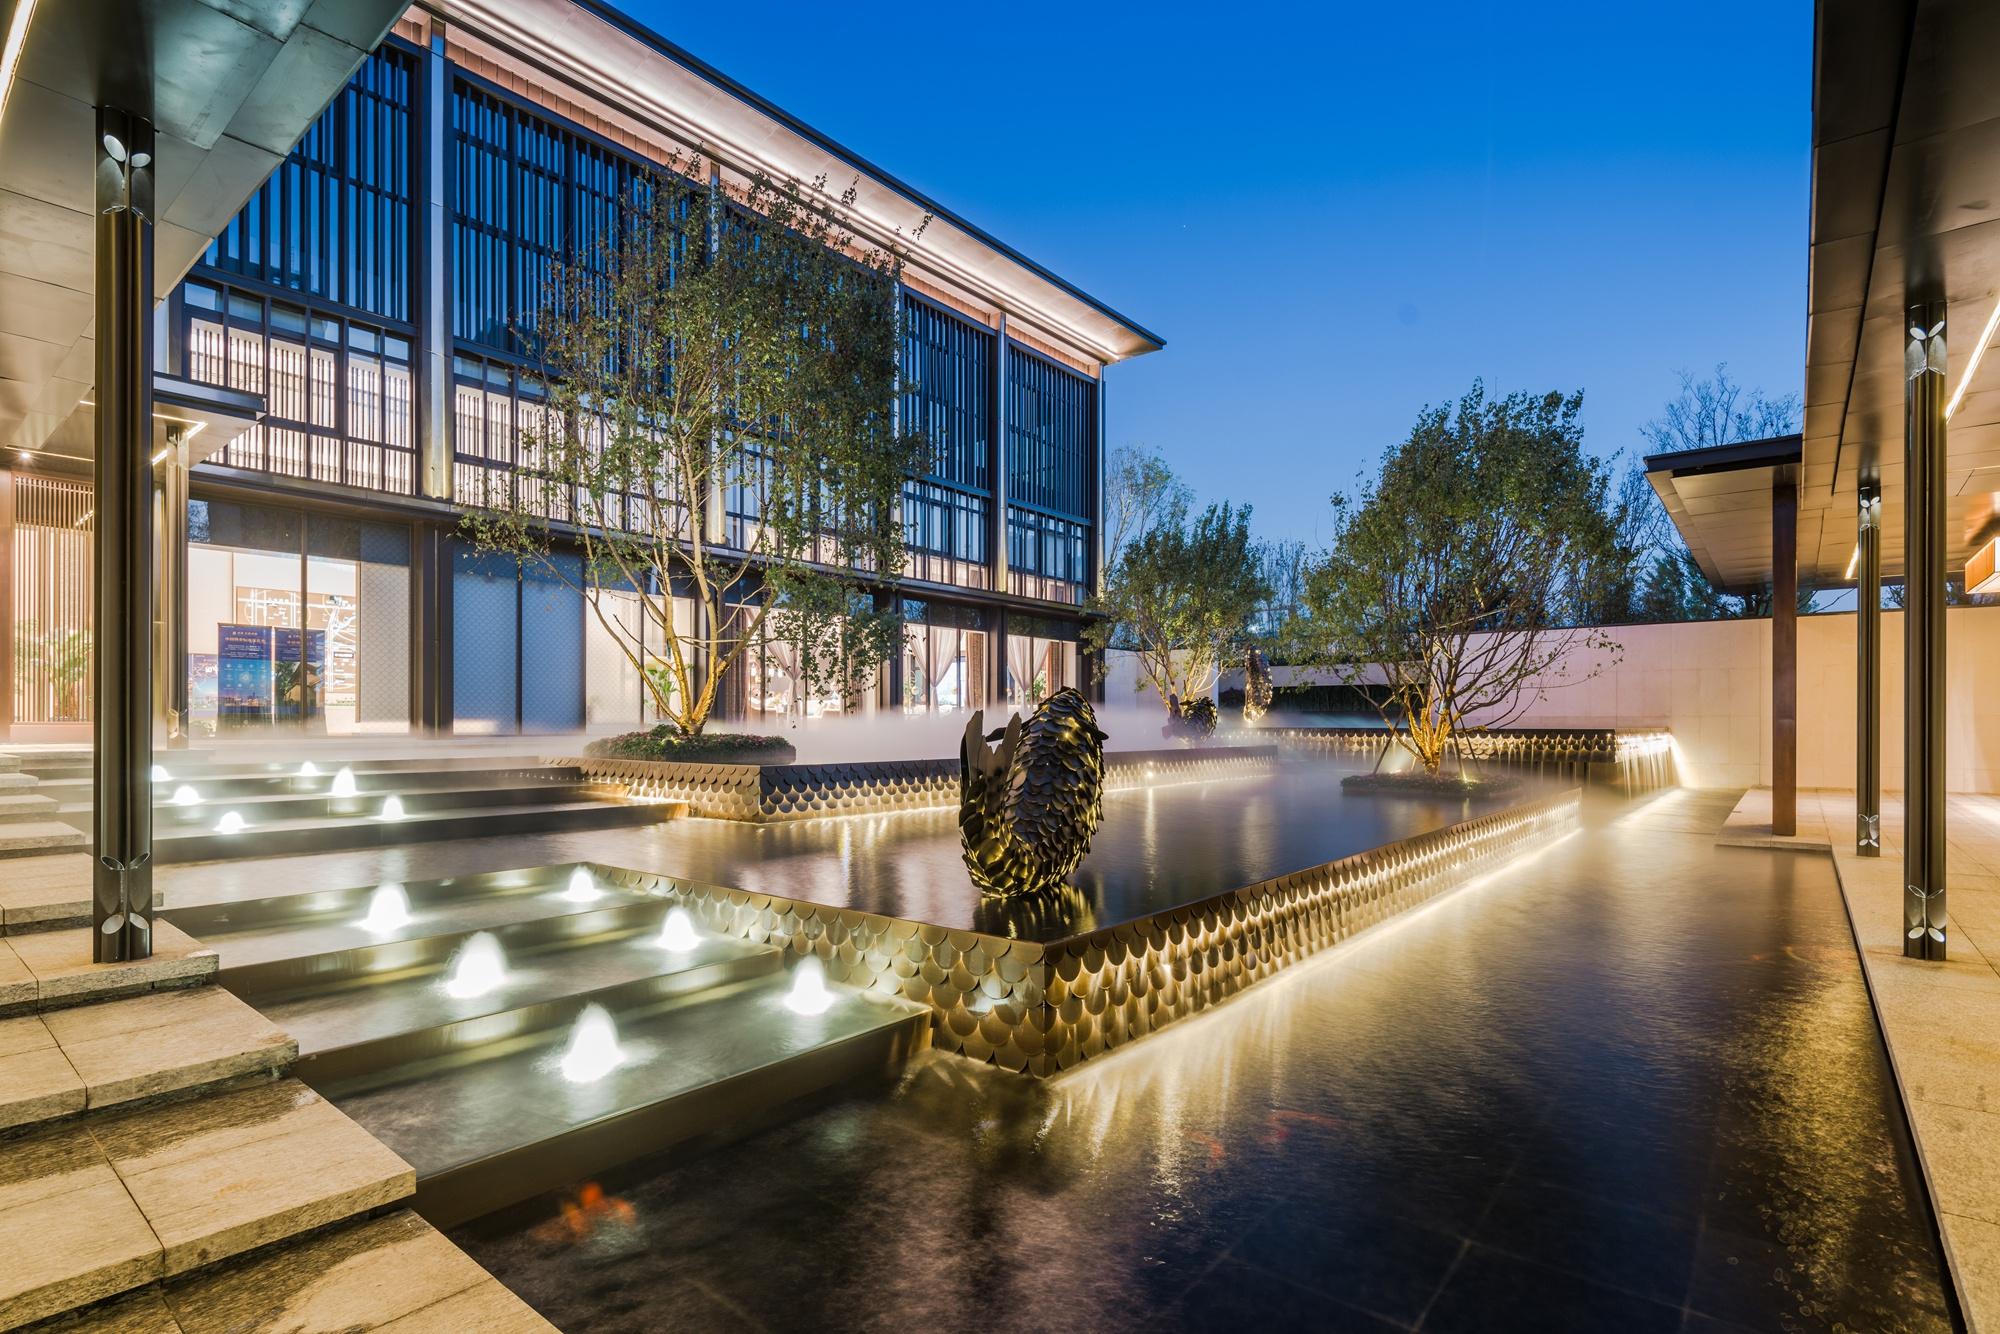 中国河南省之龙湖南龙湖7号地项目体验区景观工程